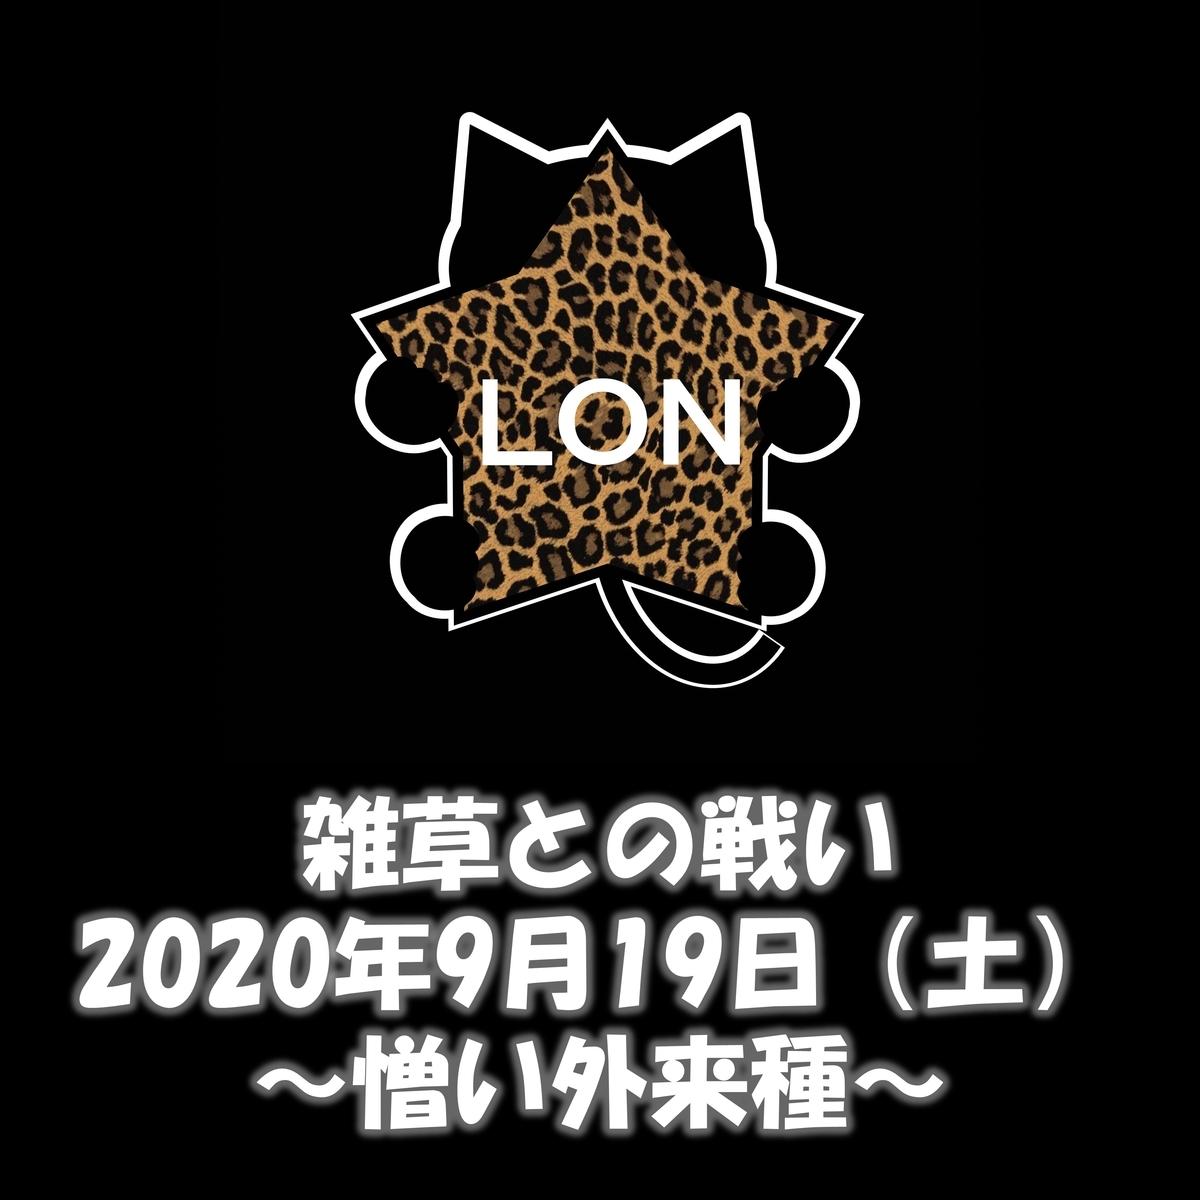 f:id:lon_blackcat:20200926074850j:plain